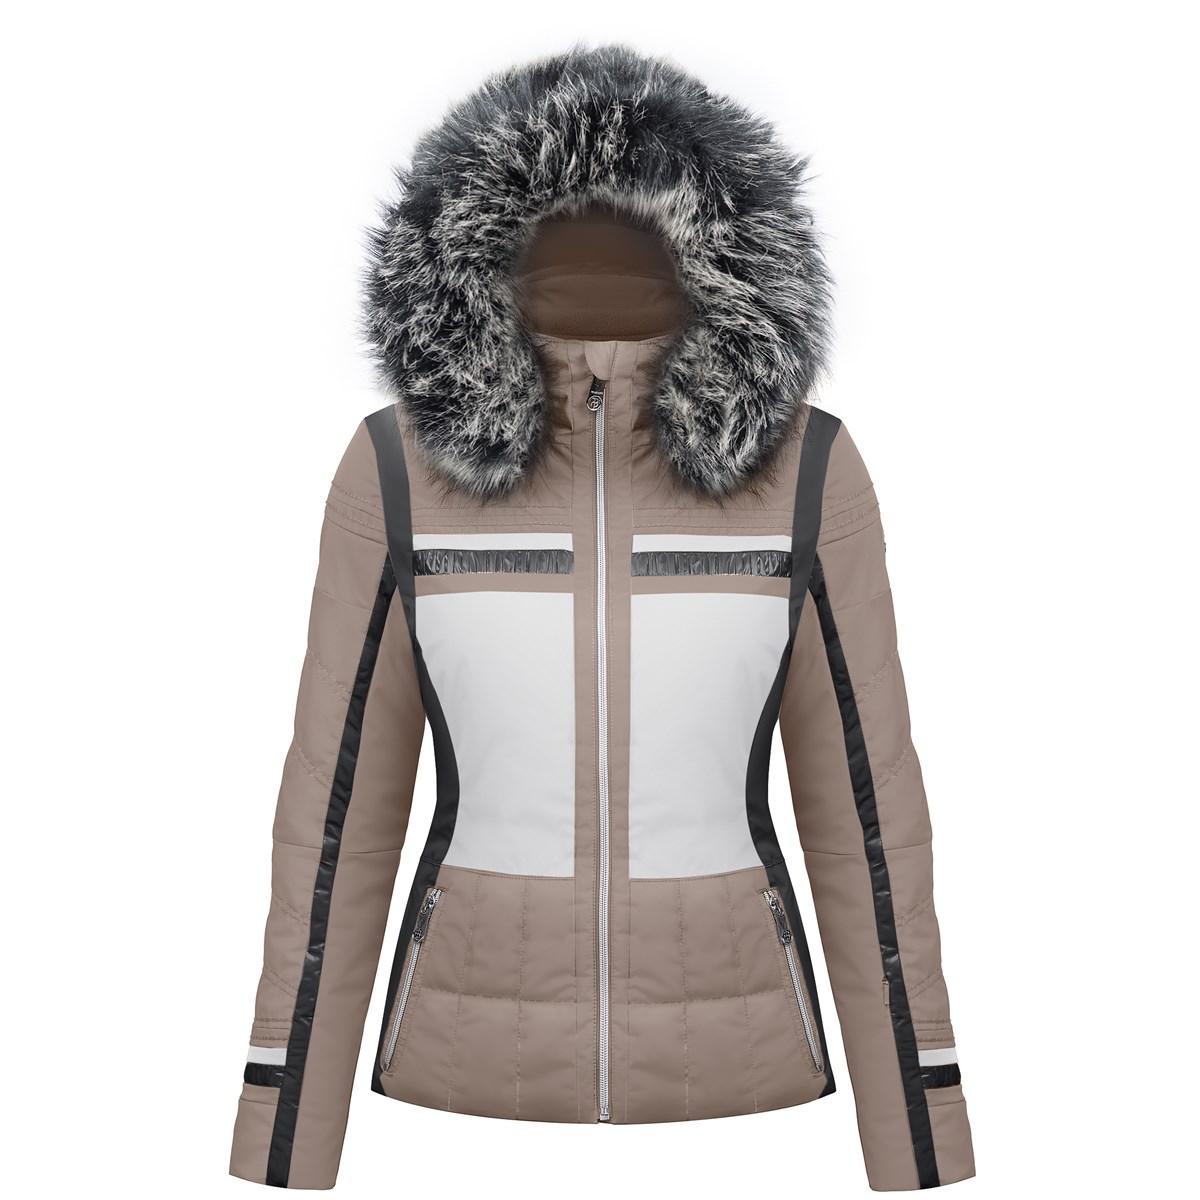 9107289b32 Poivre Blanc Avril Womens Ski Jacket In Dove Brown The Ski Shop £315.00